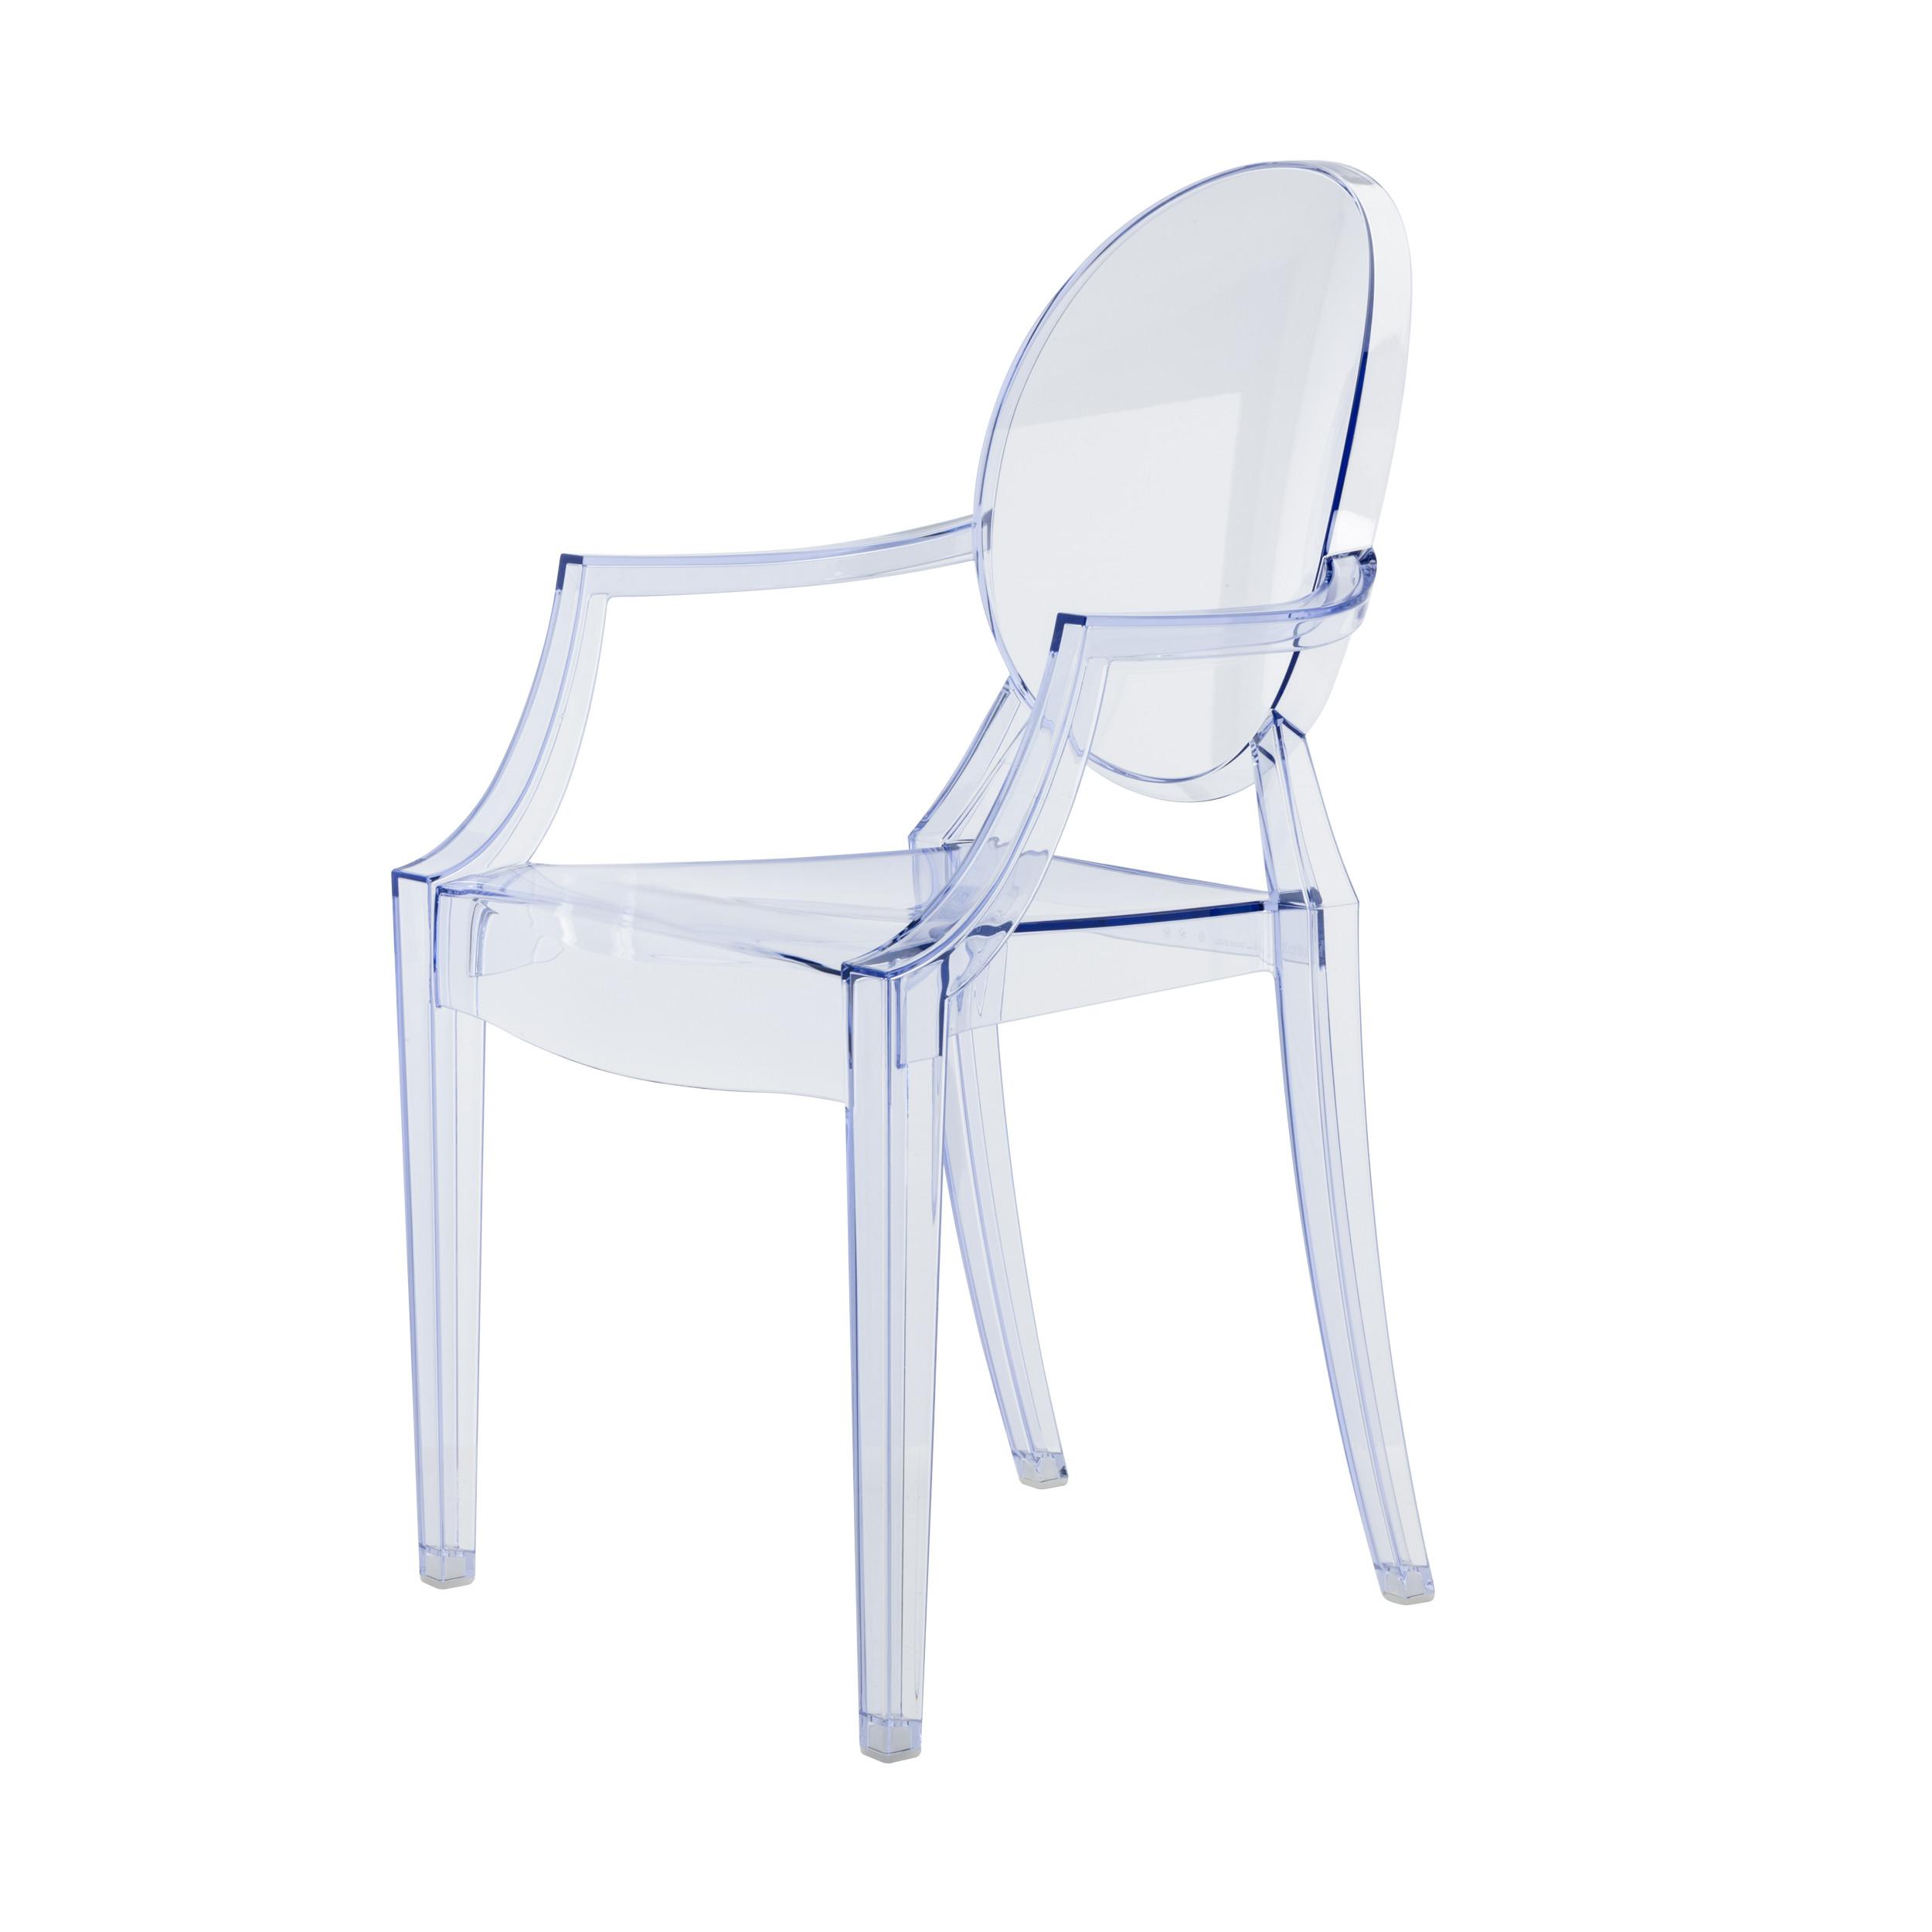 Louis Ghost Sessel - - A038156.002 online kaufen bei WOONIO